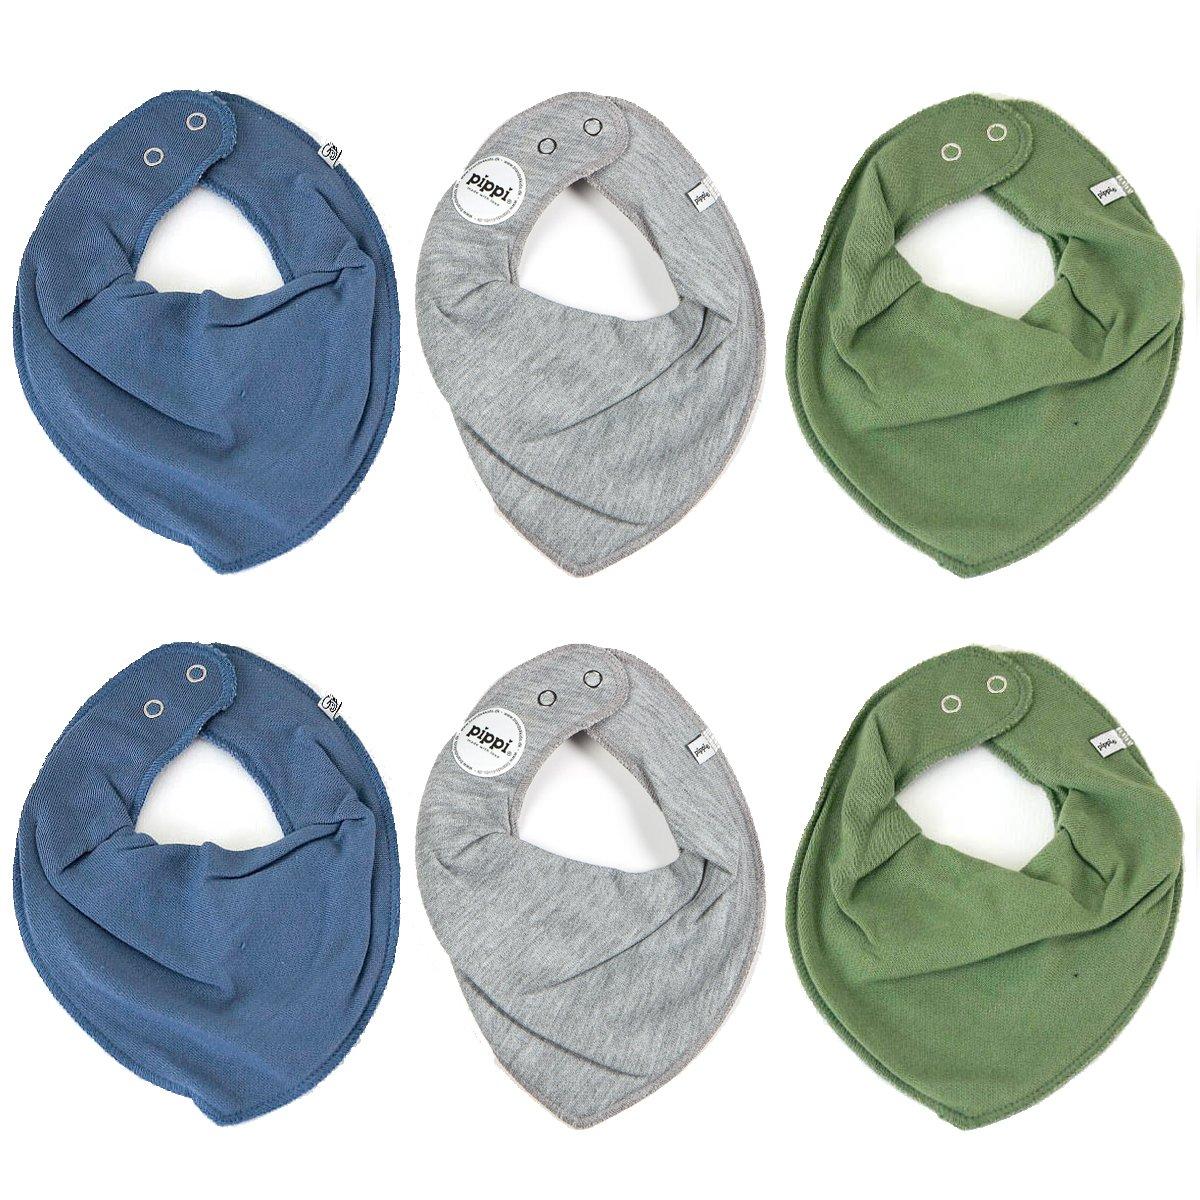 Pippi 6er Pack Baby Jungen Halstuch, Farbe: Grau, Blau und Grün, One Size Blau und Grün